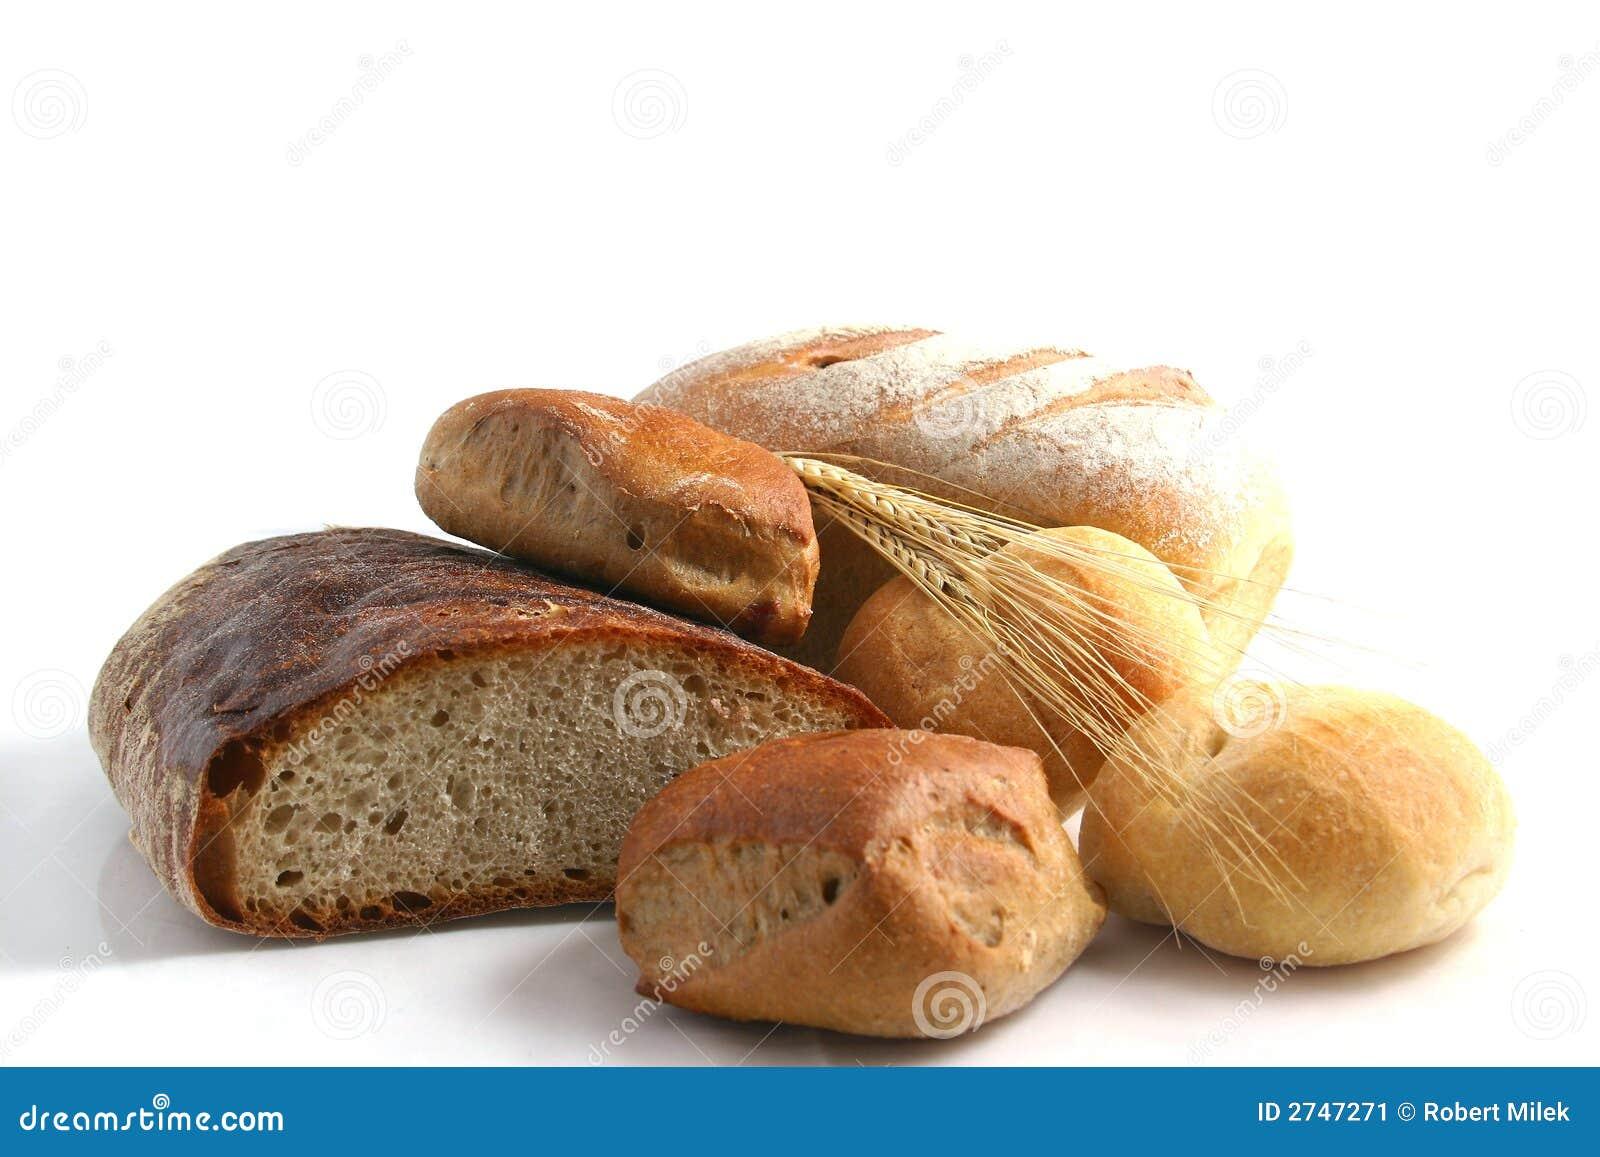 Bread, wheat